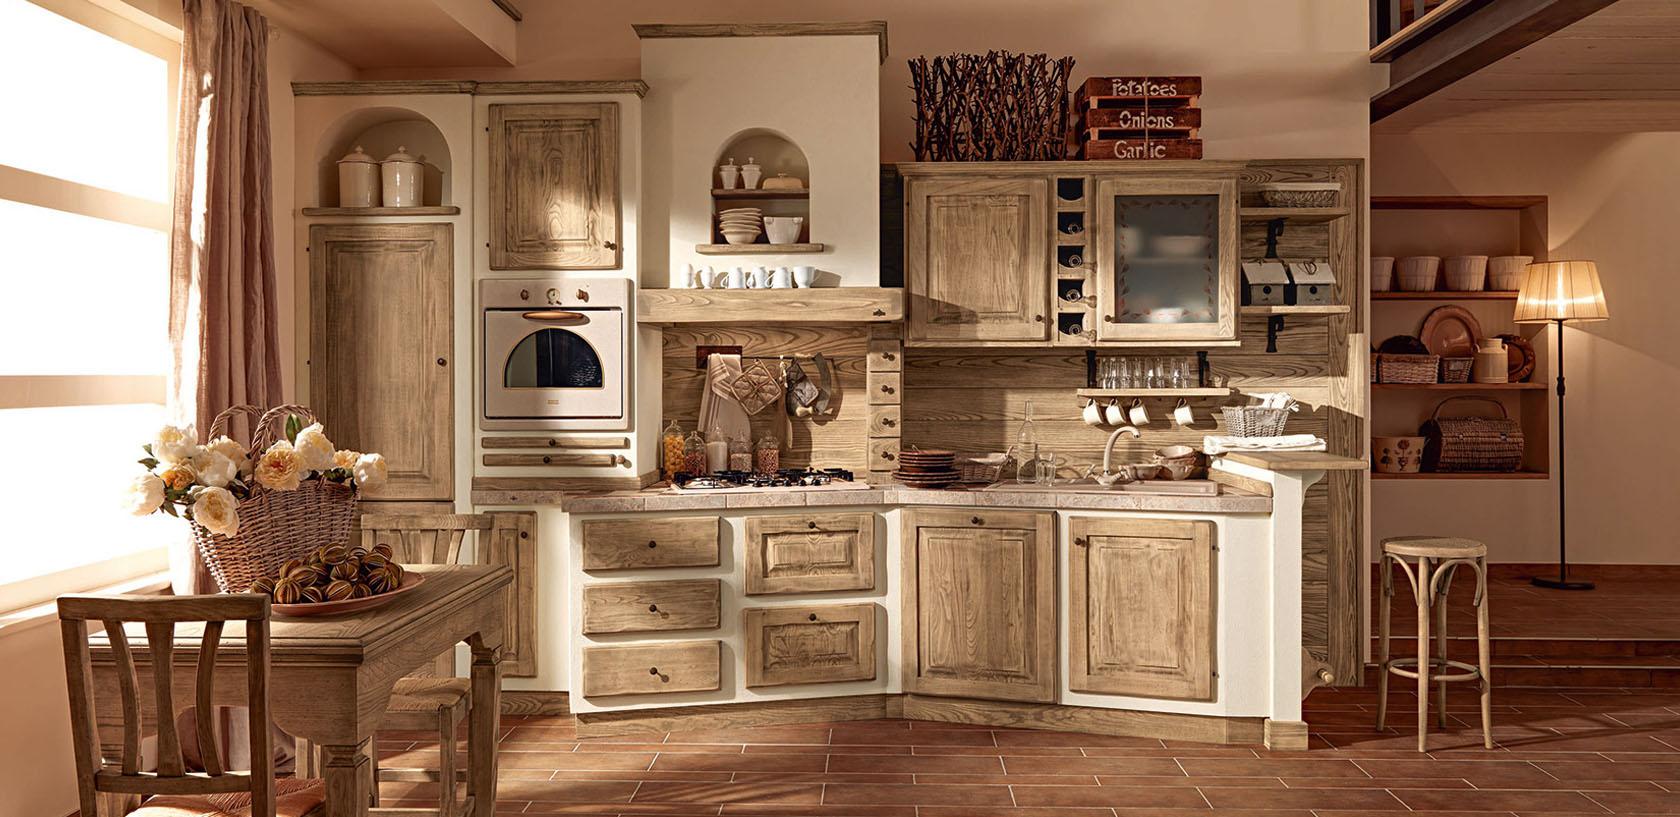 Cucine stile provenzale prezzi best of cucine provenzali for Cucine kitchen design prezzi